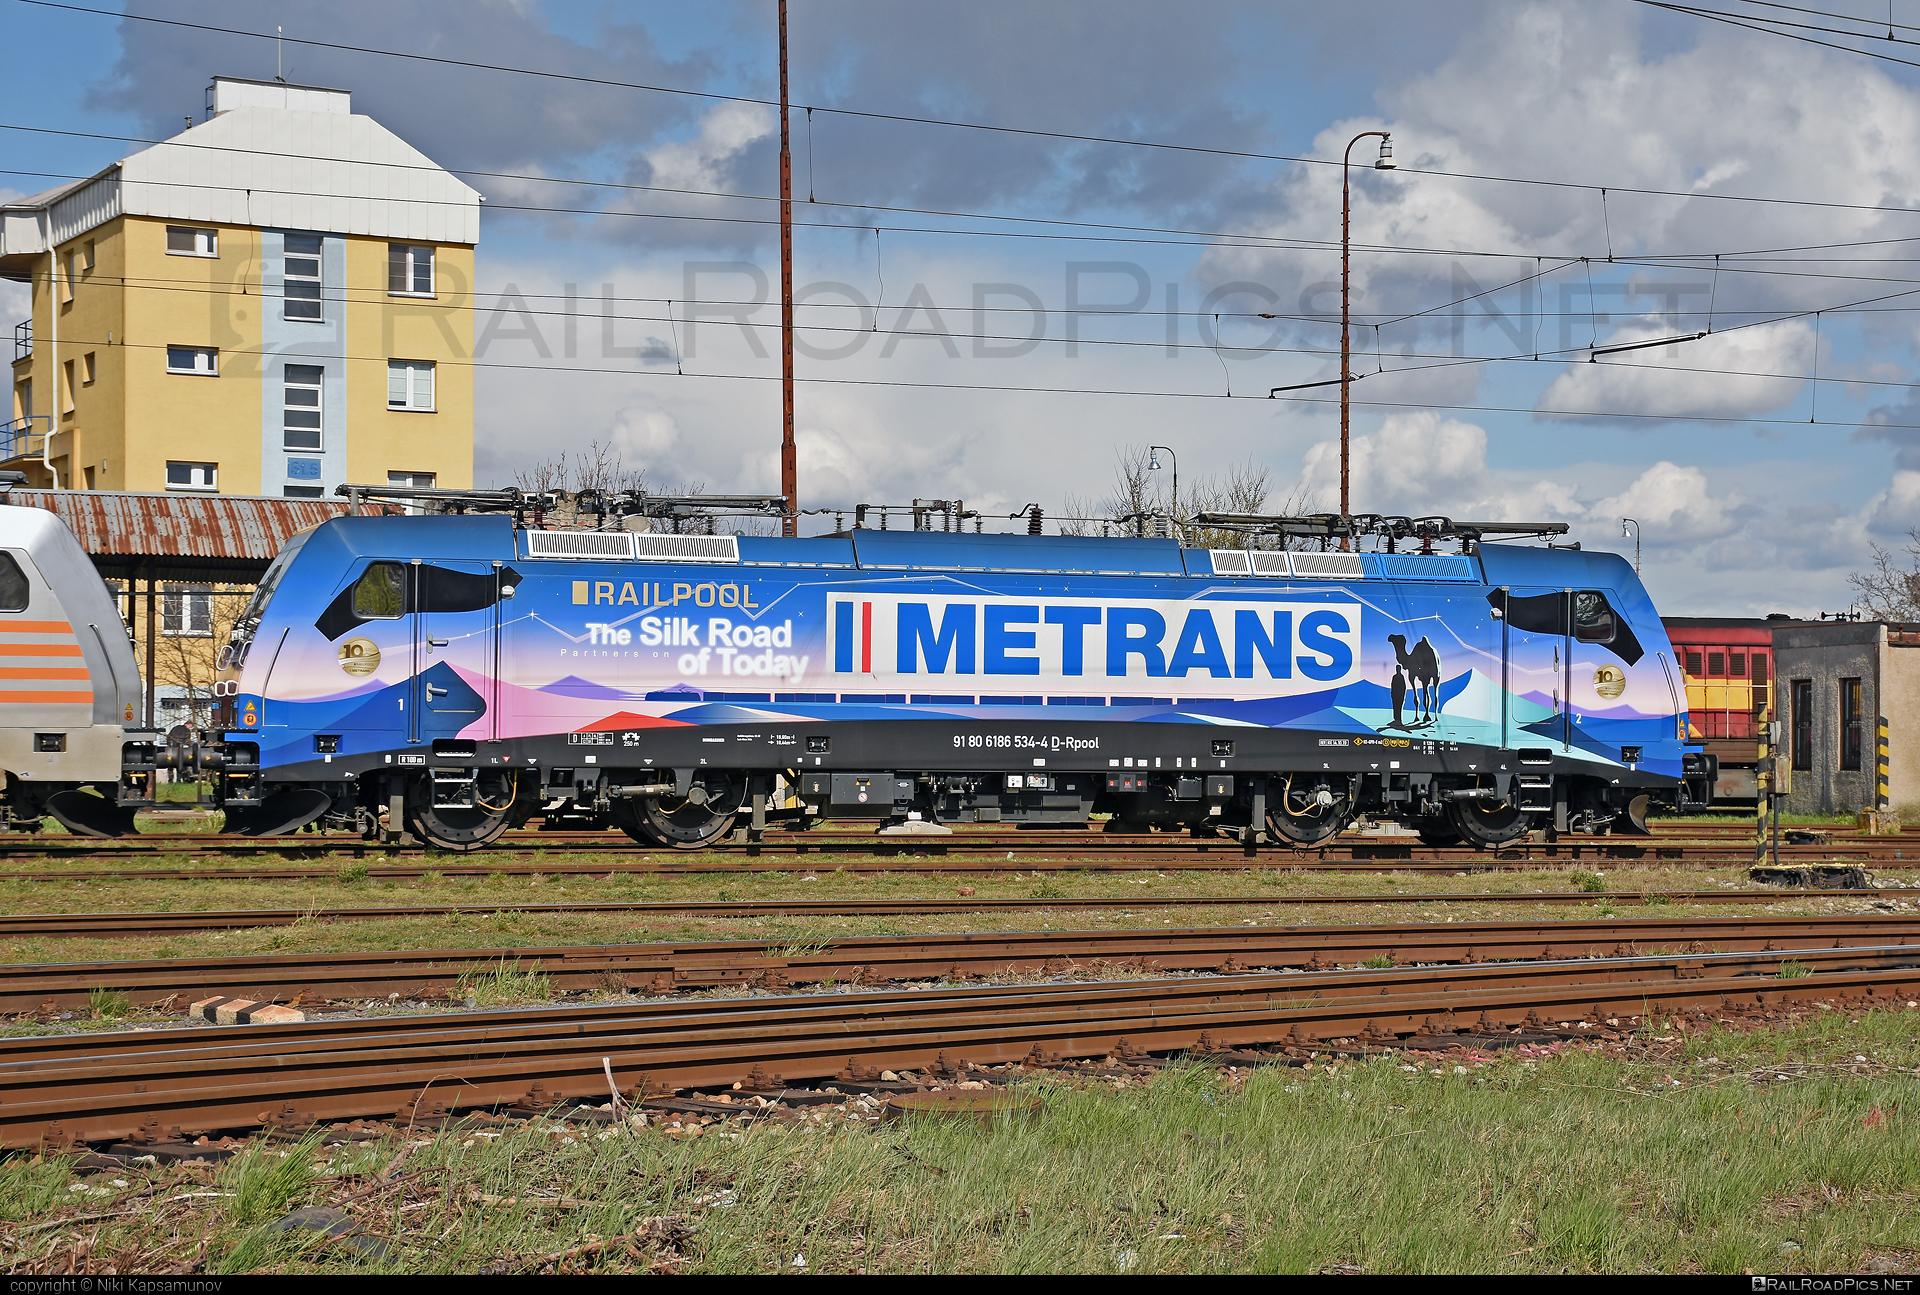 Bombardier TRAXX F140 MS - 186 534-4 operated by METRANS Rail (Deutchland) GmbH #bombardier #bombardiertraxx #hhla #metrans #metransraildeutschland #railpool #railpoolgmbh #traxx #traxxf140 #traxxf140ms